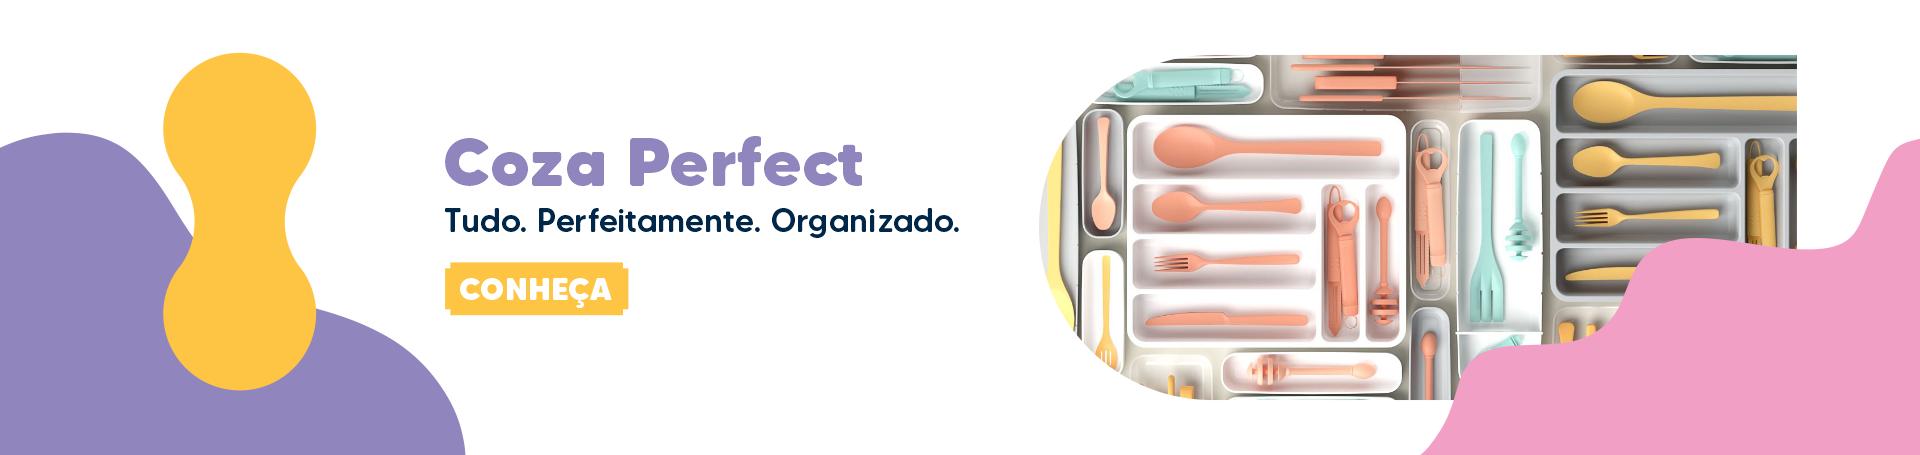 banner_lancamento_linha_perfect_coza